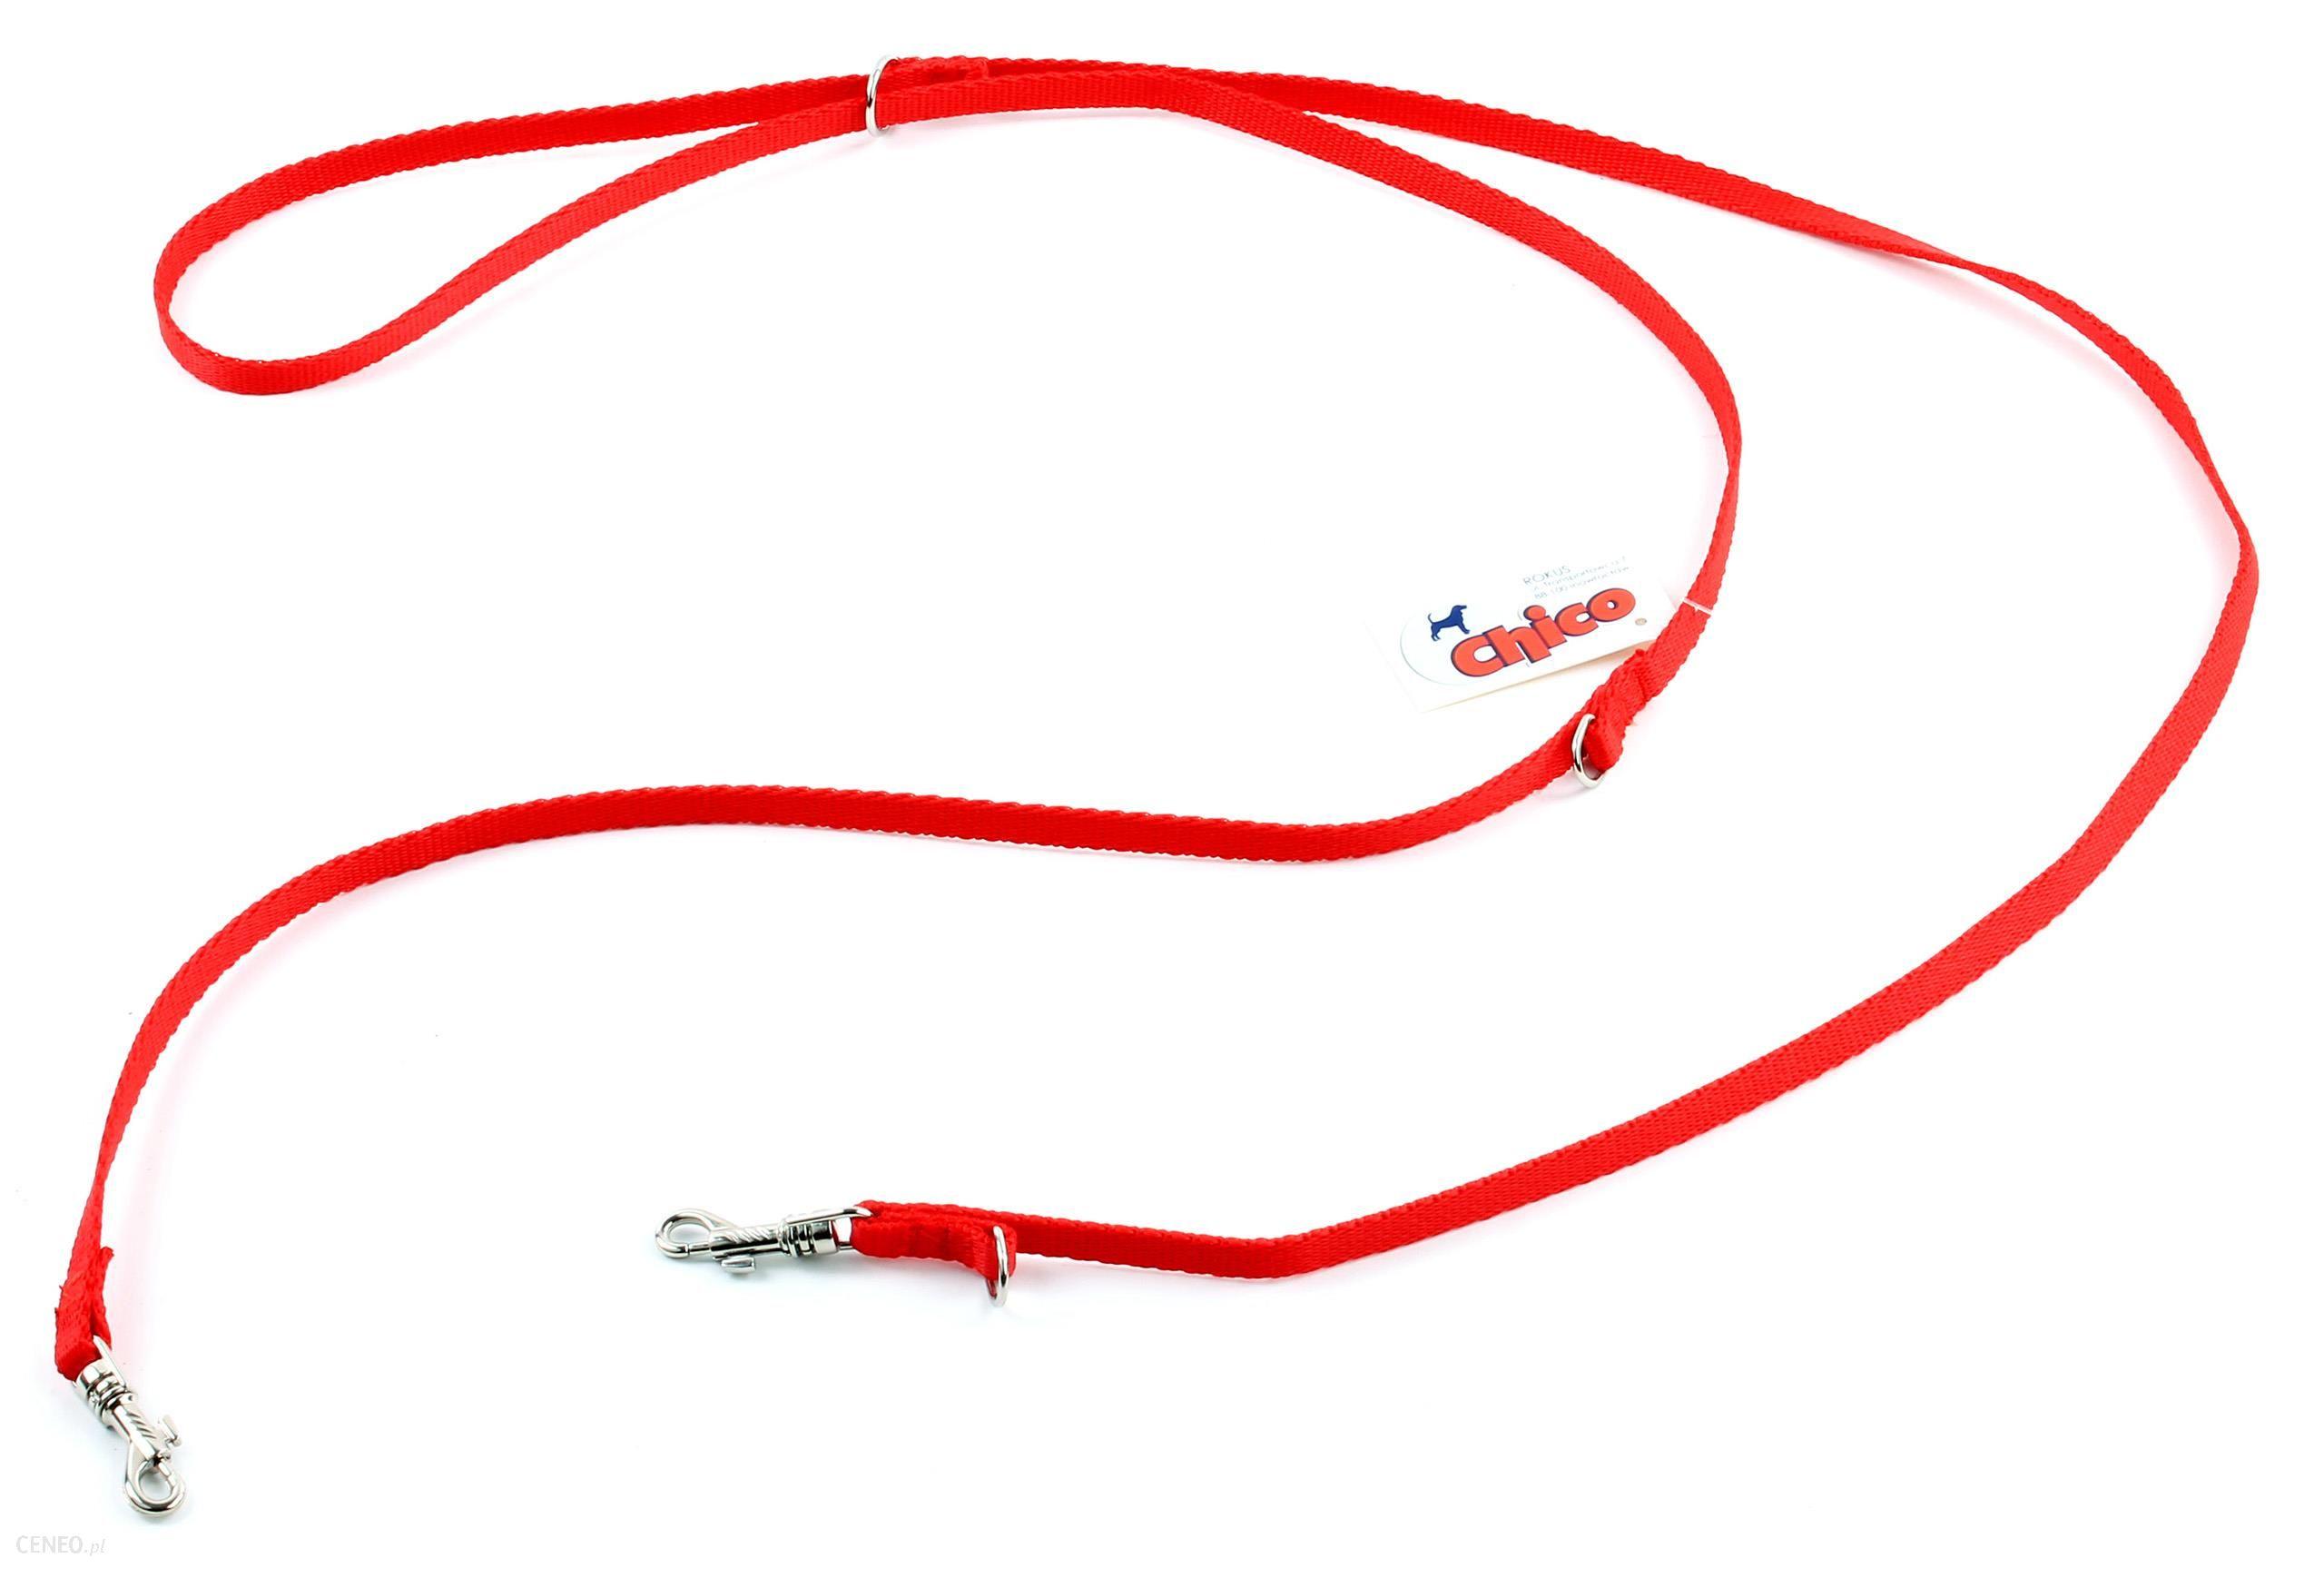 Smycz Taśma 16Mm Nylon Regulowana 115-190 Czerwona